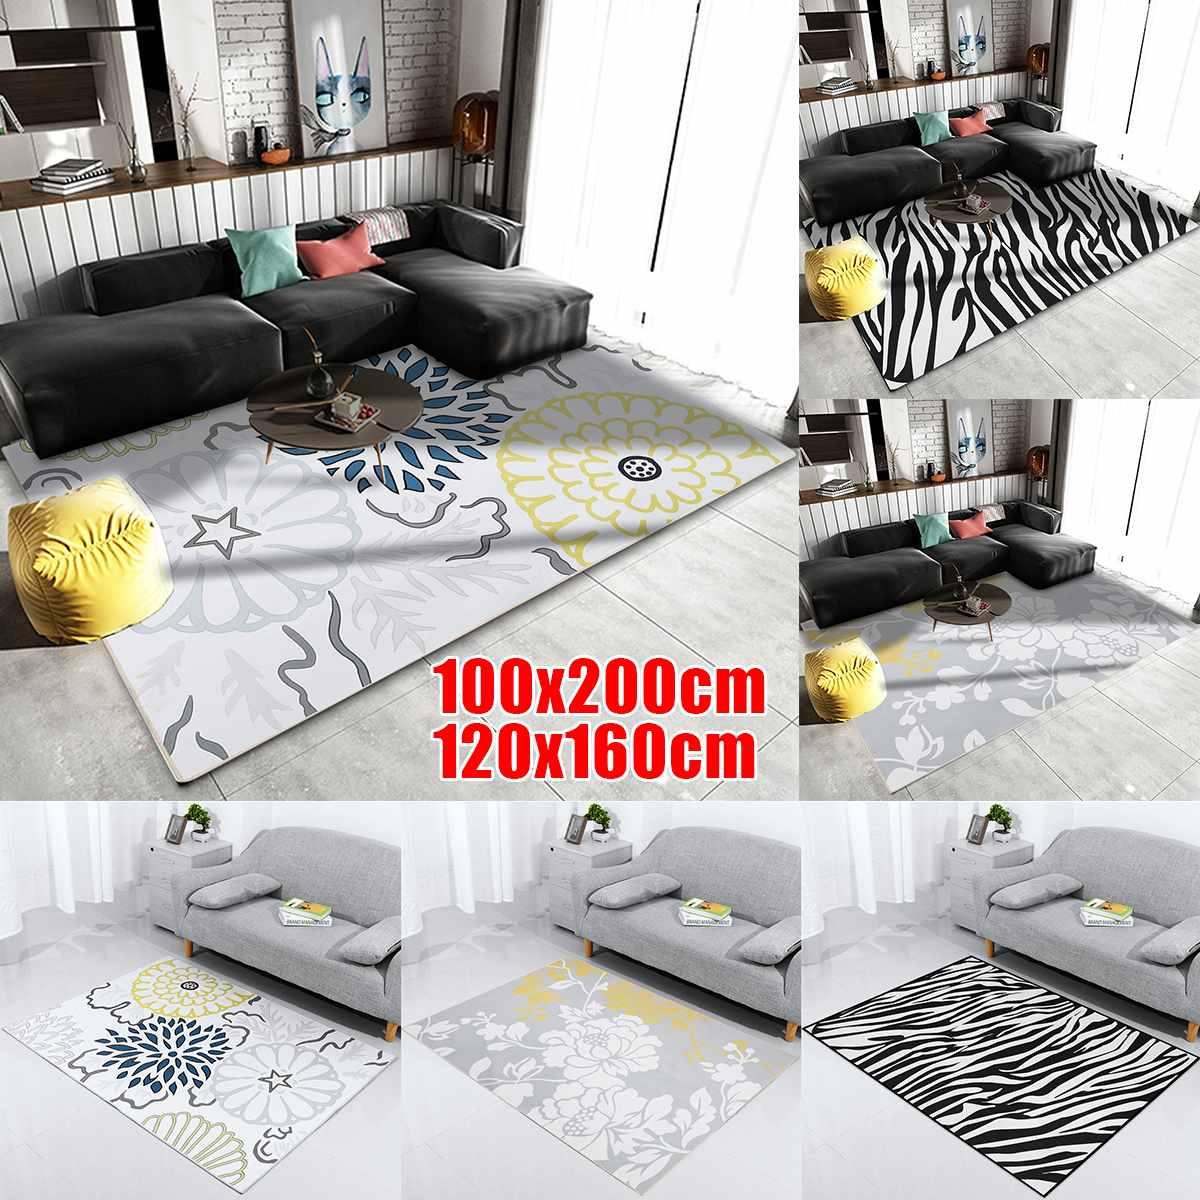 Antidérapant longue bande tapis peluches poussière facile à nettoyer hiver soie chaude tapis maison salon chambre porte décoration de la maison